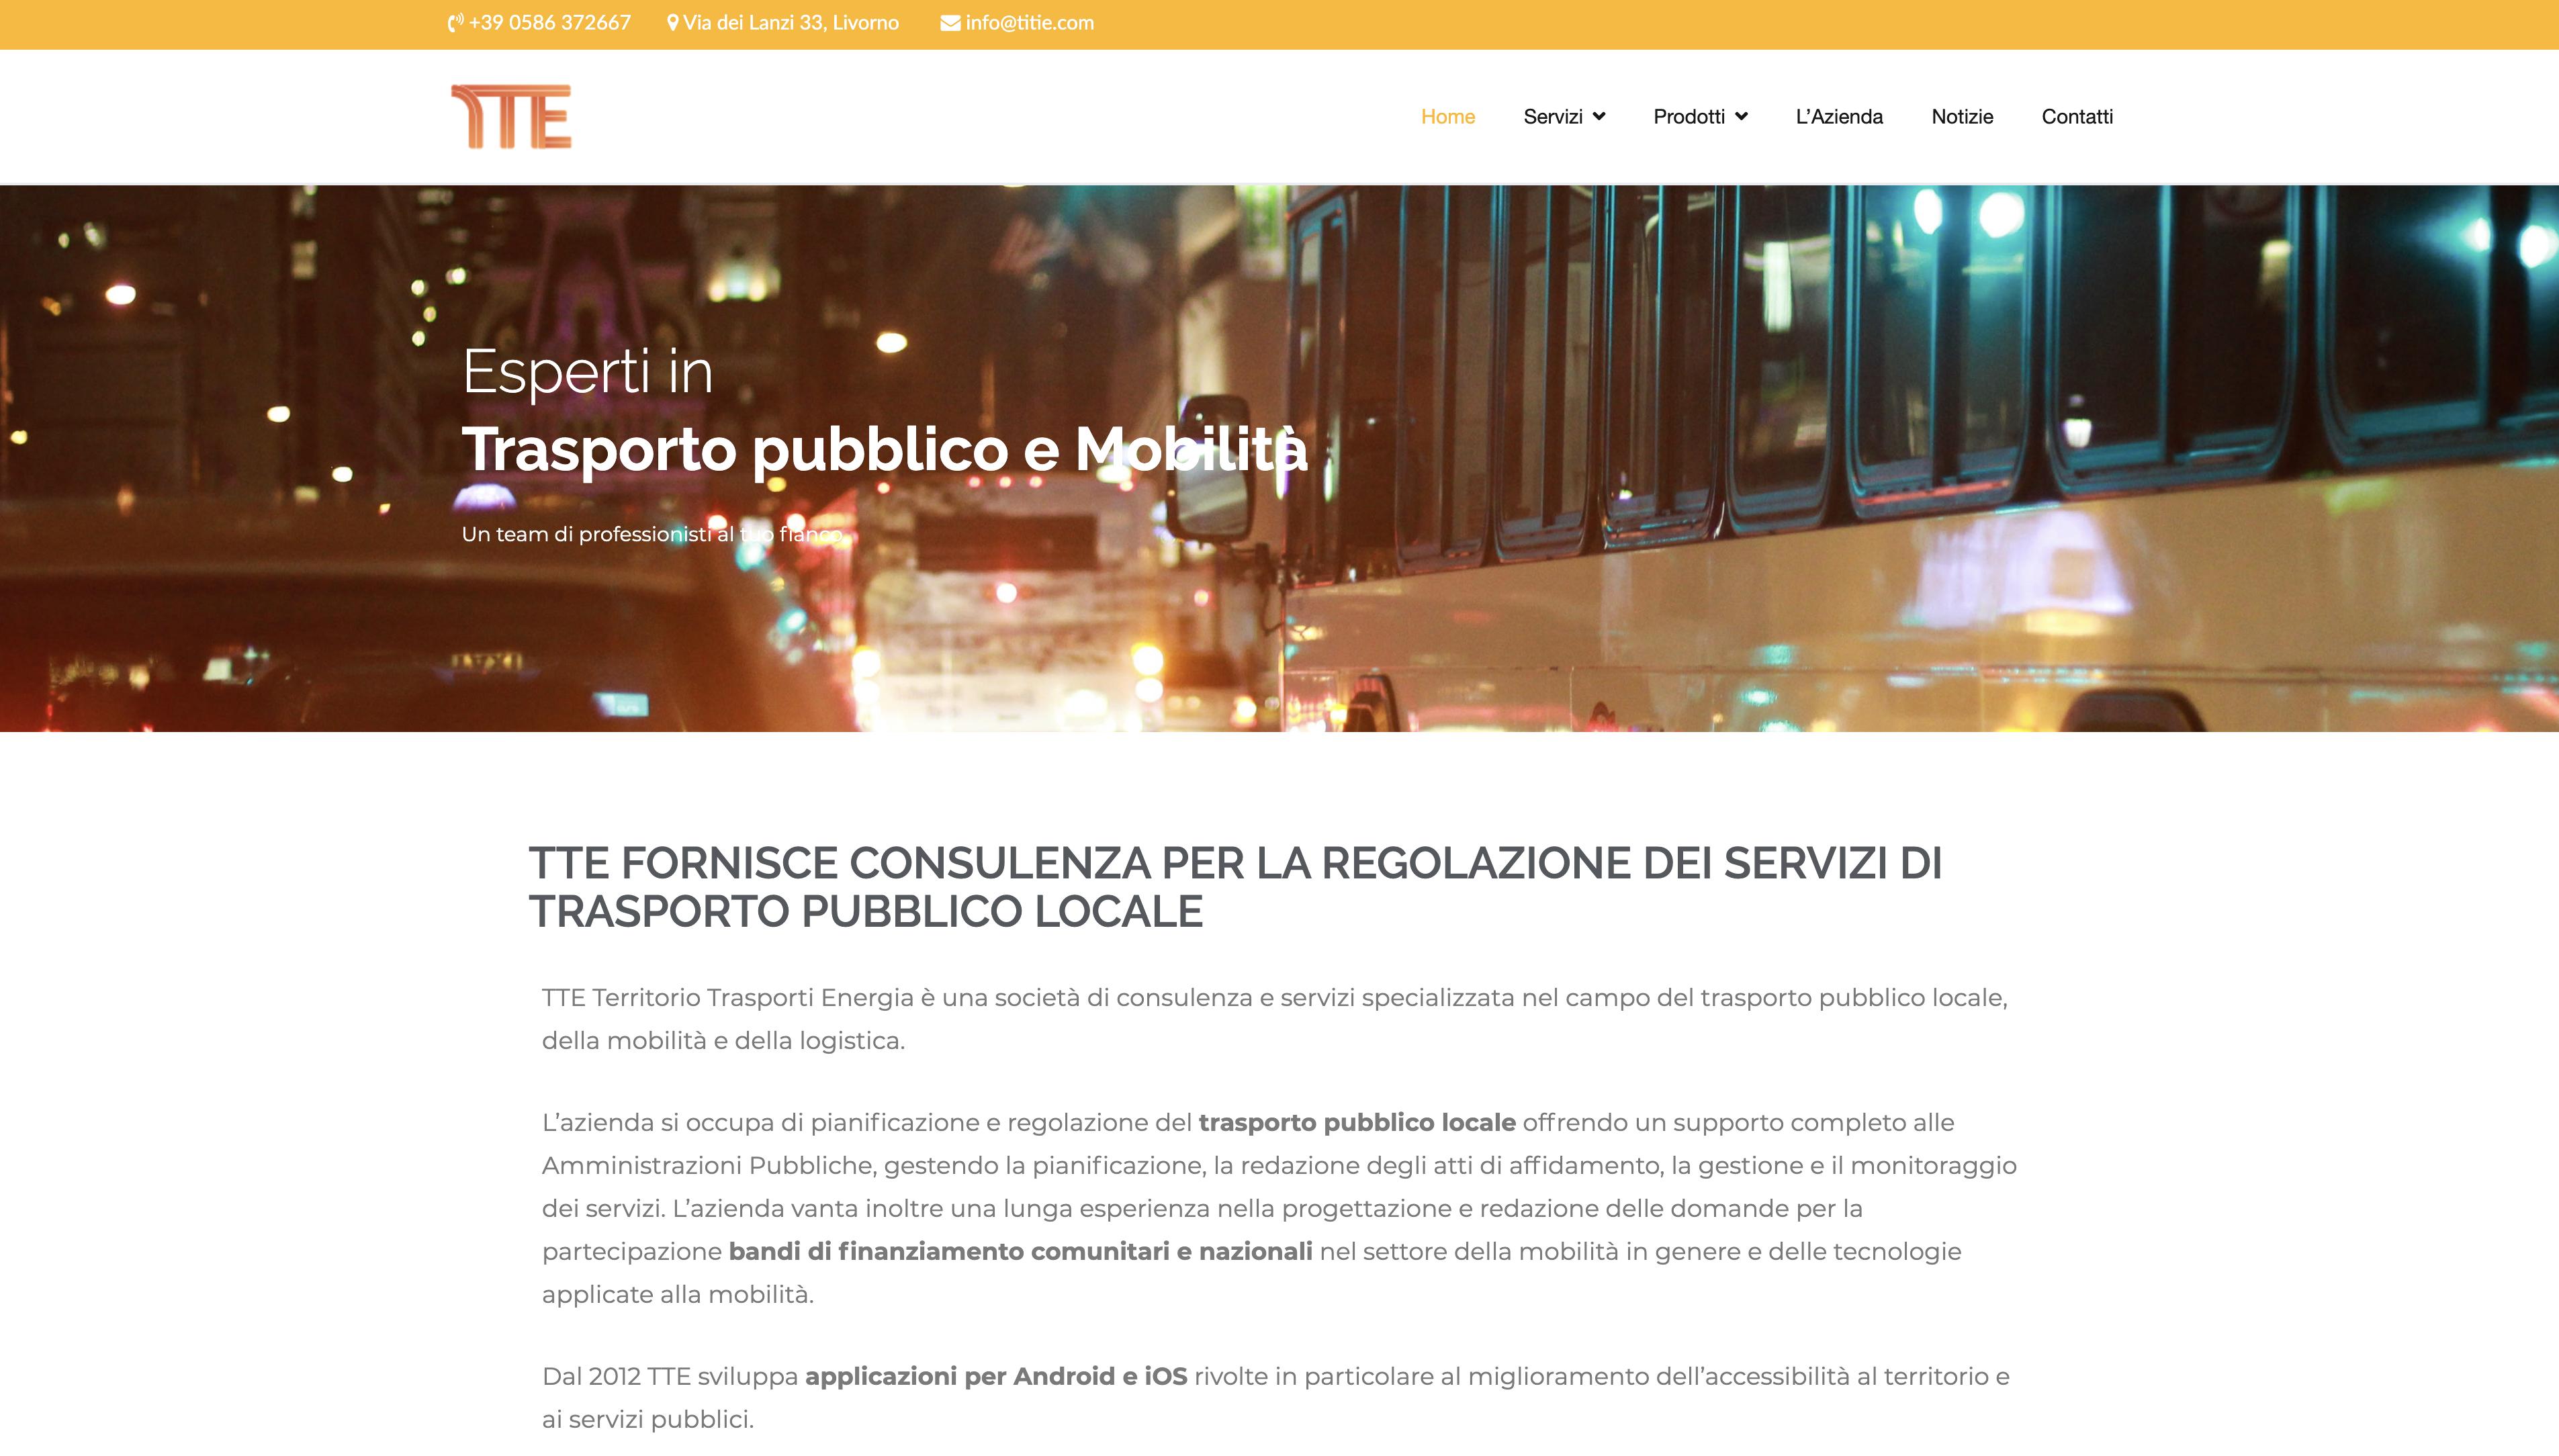 TTE rinnova il suo sito web e inaugura una nuova stagione